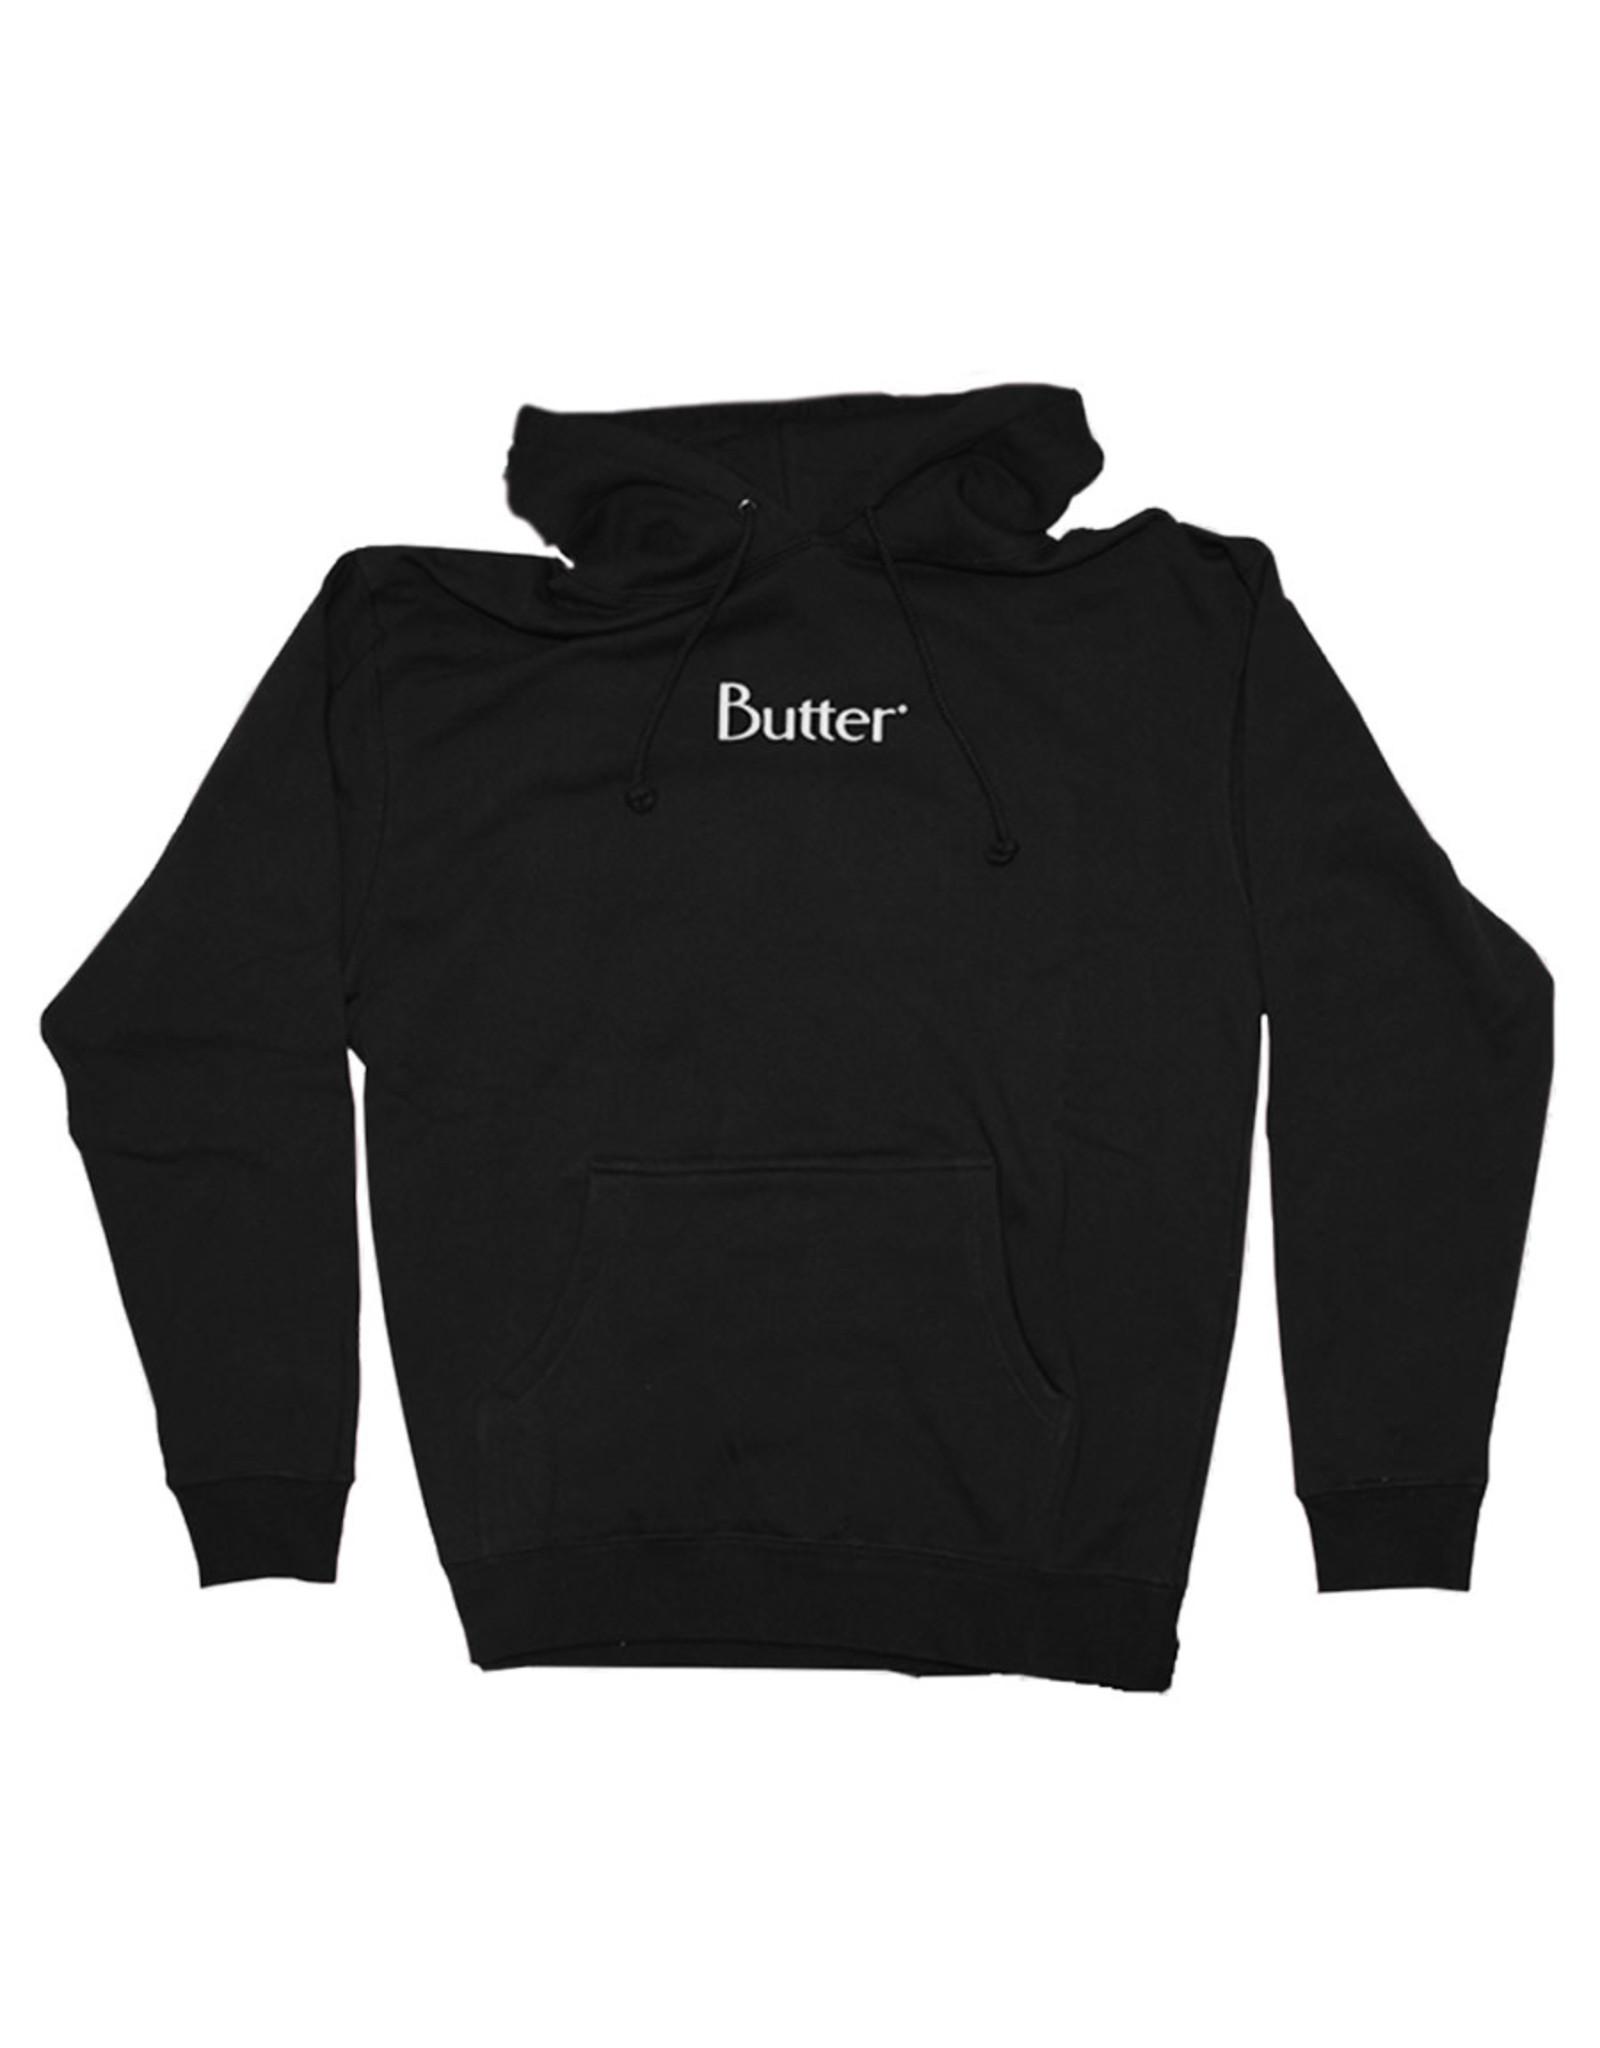 Butter Goods Butter Goods Hood Classic Logo Pullover (Black)